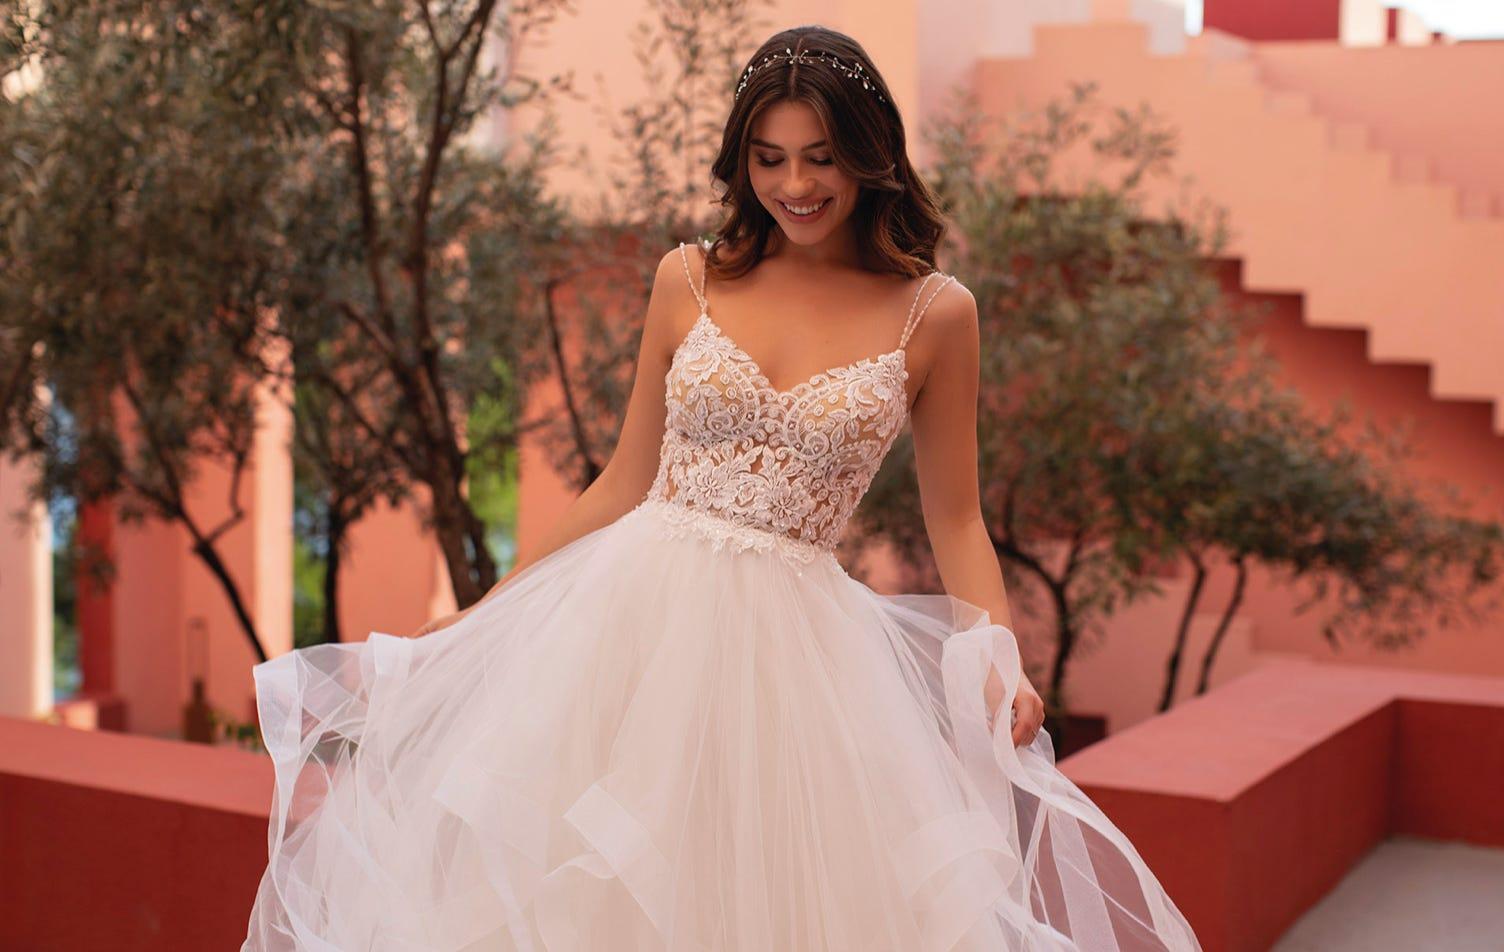 Seien Sie Prinzessin für einen Tag mit White One!